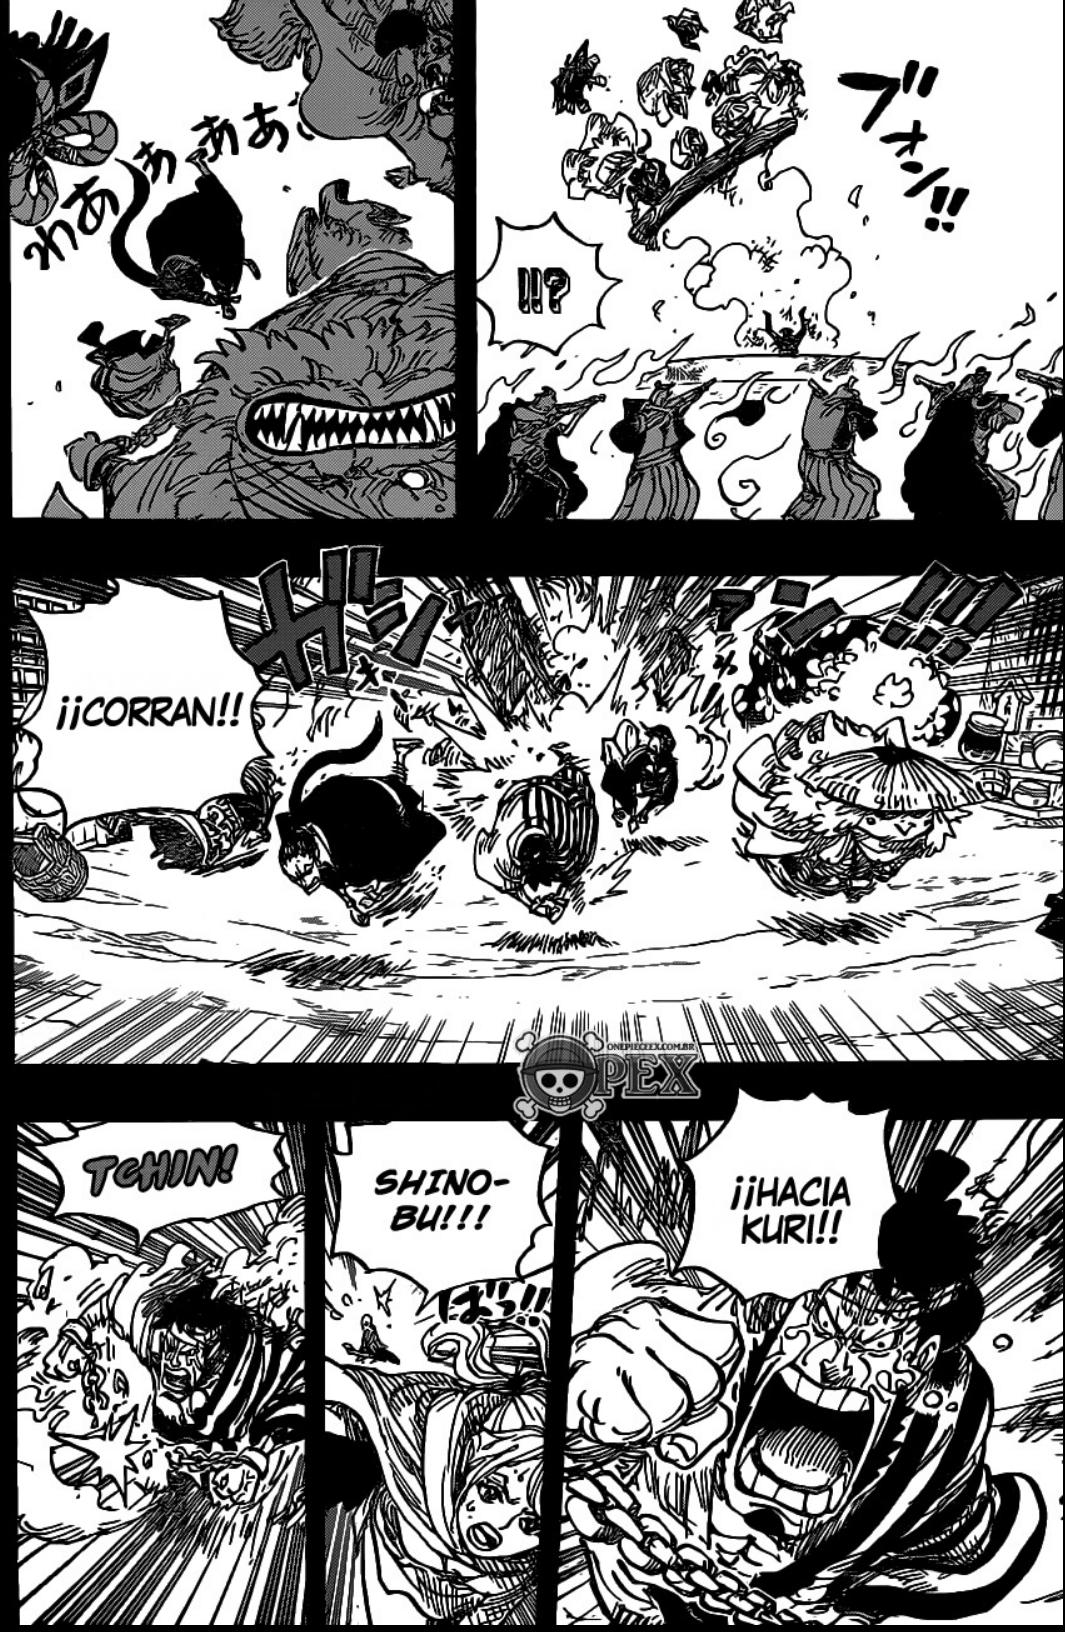 One Piece Manga 972 [Español] [Joker Fansub] VhmV5Fkm_o